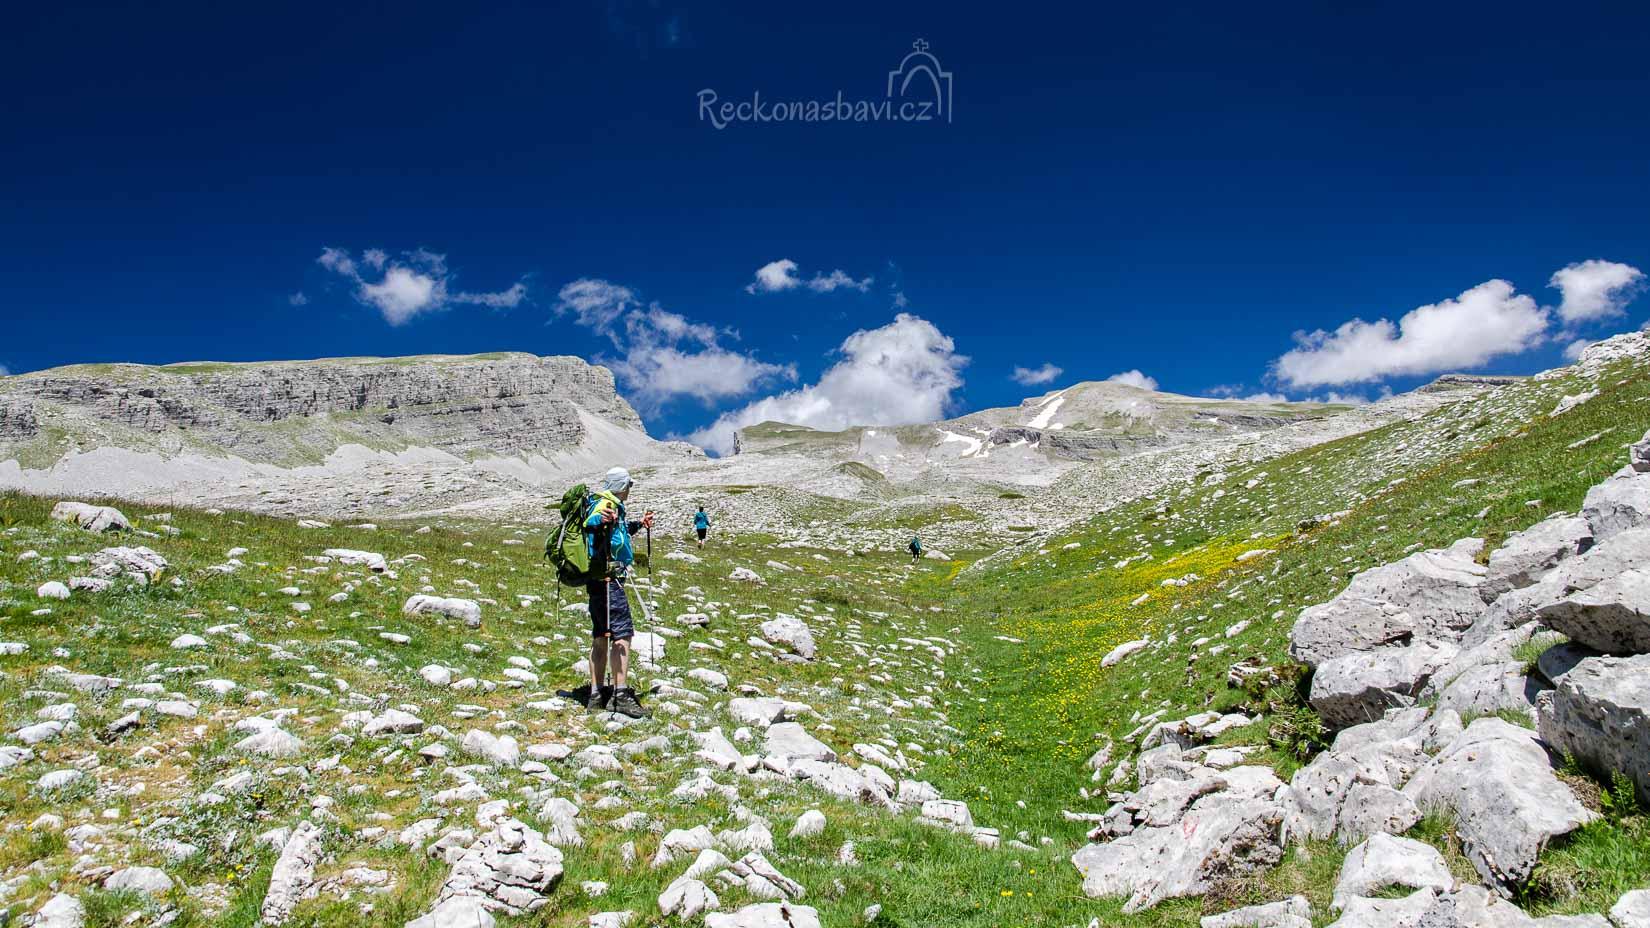 výstup na horu Gamila - nejvyšší vrchol Mt. Tymfi